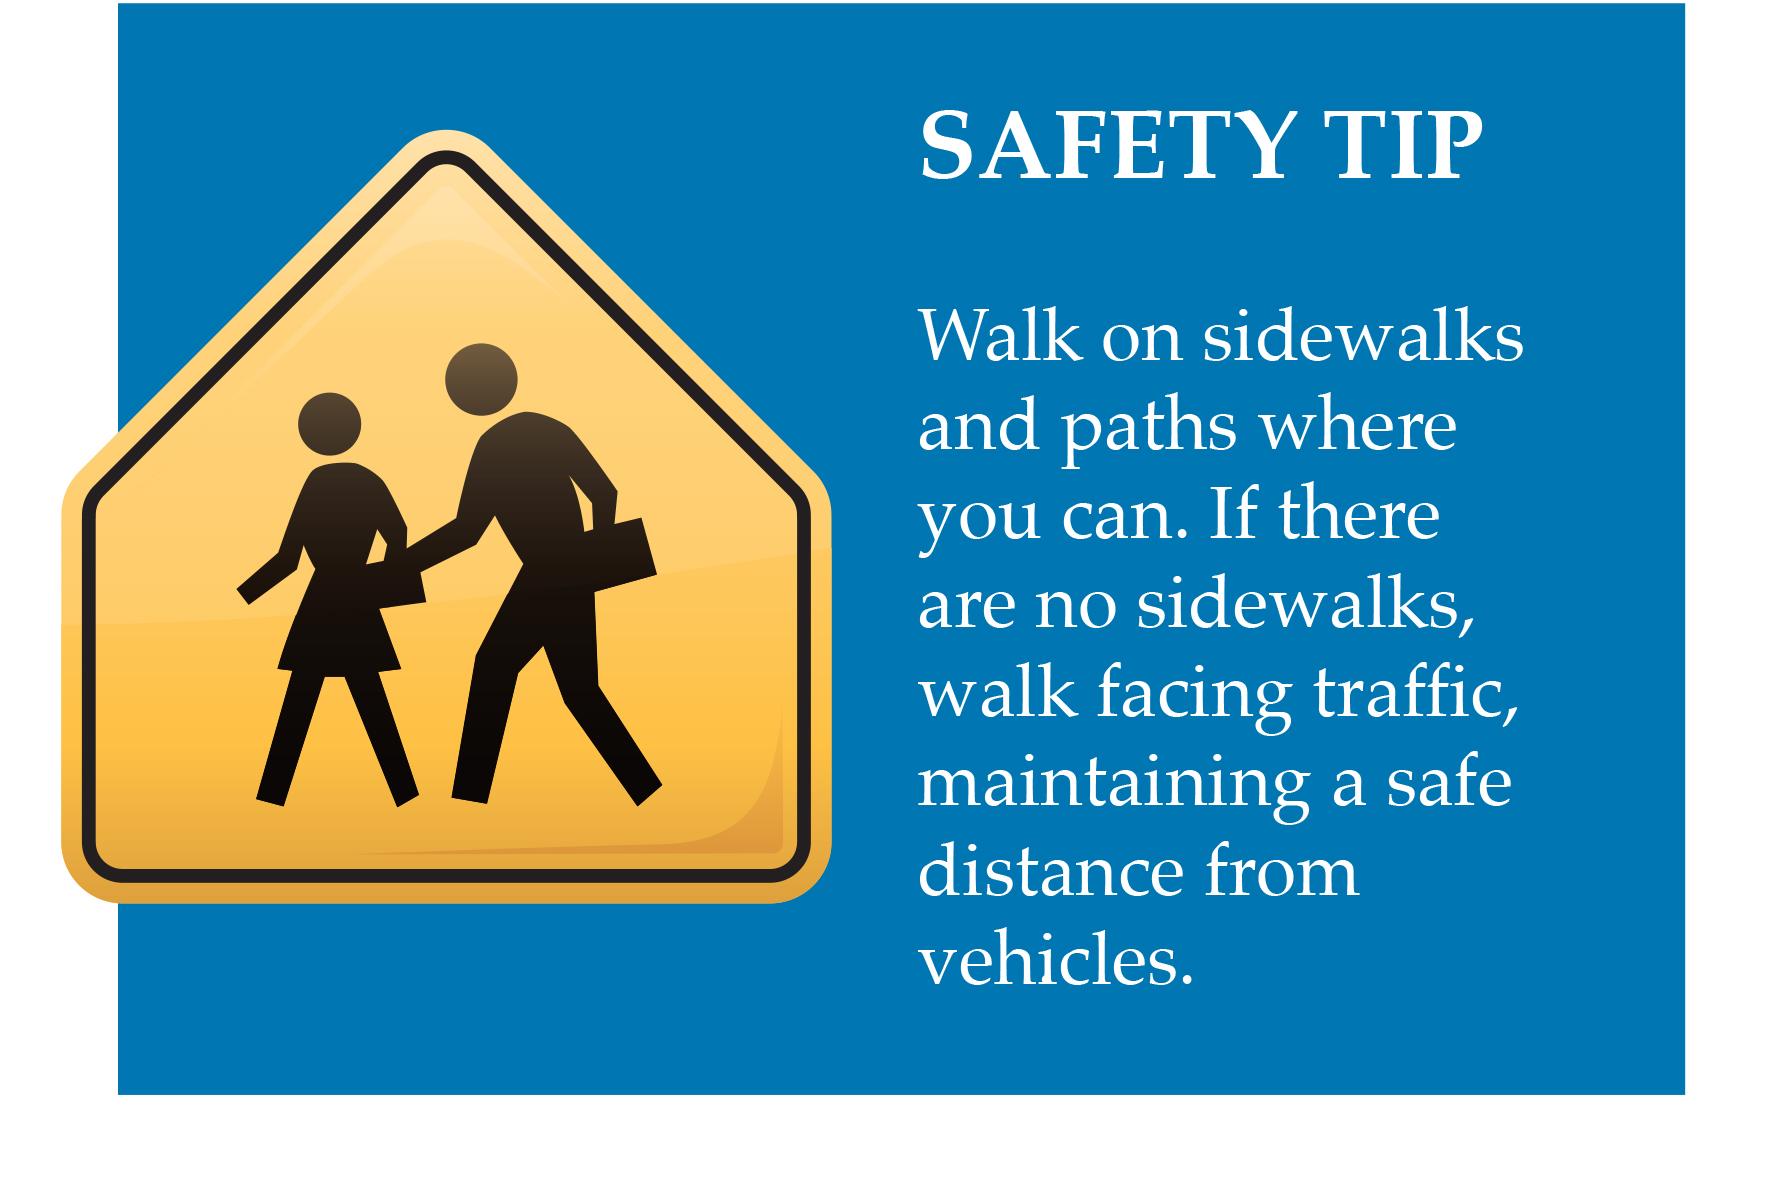 Tip for safe walking